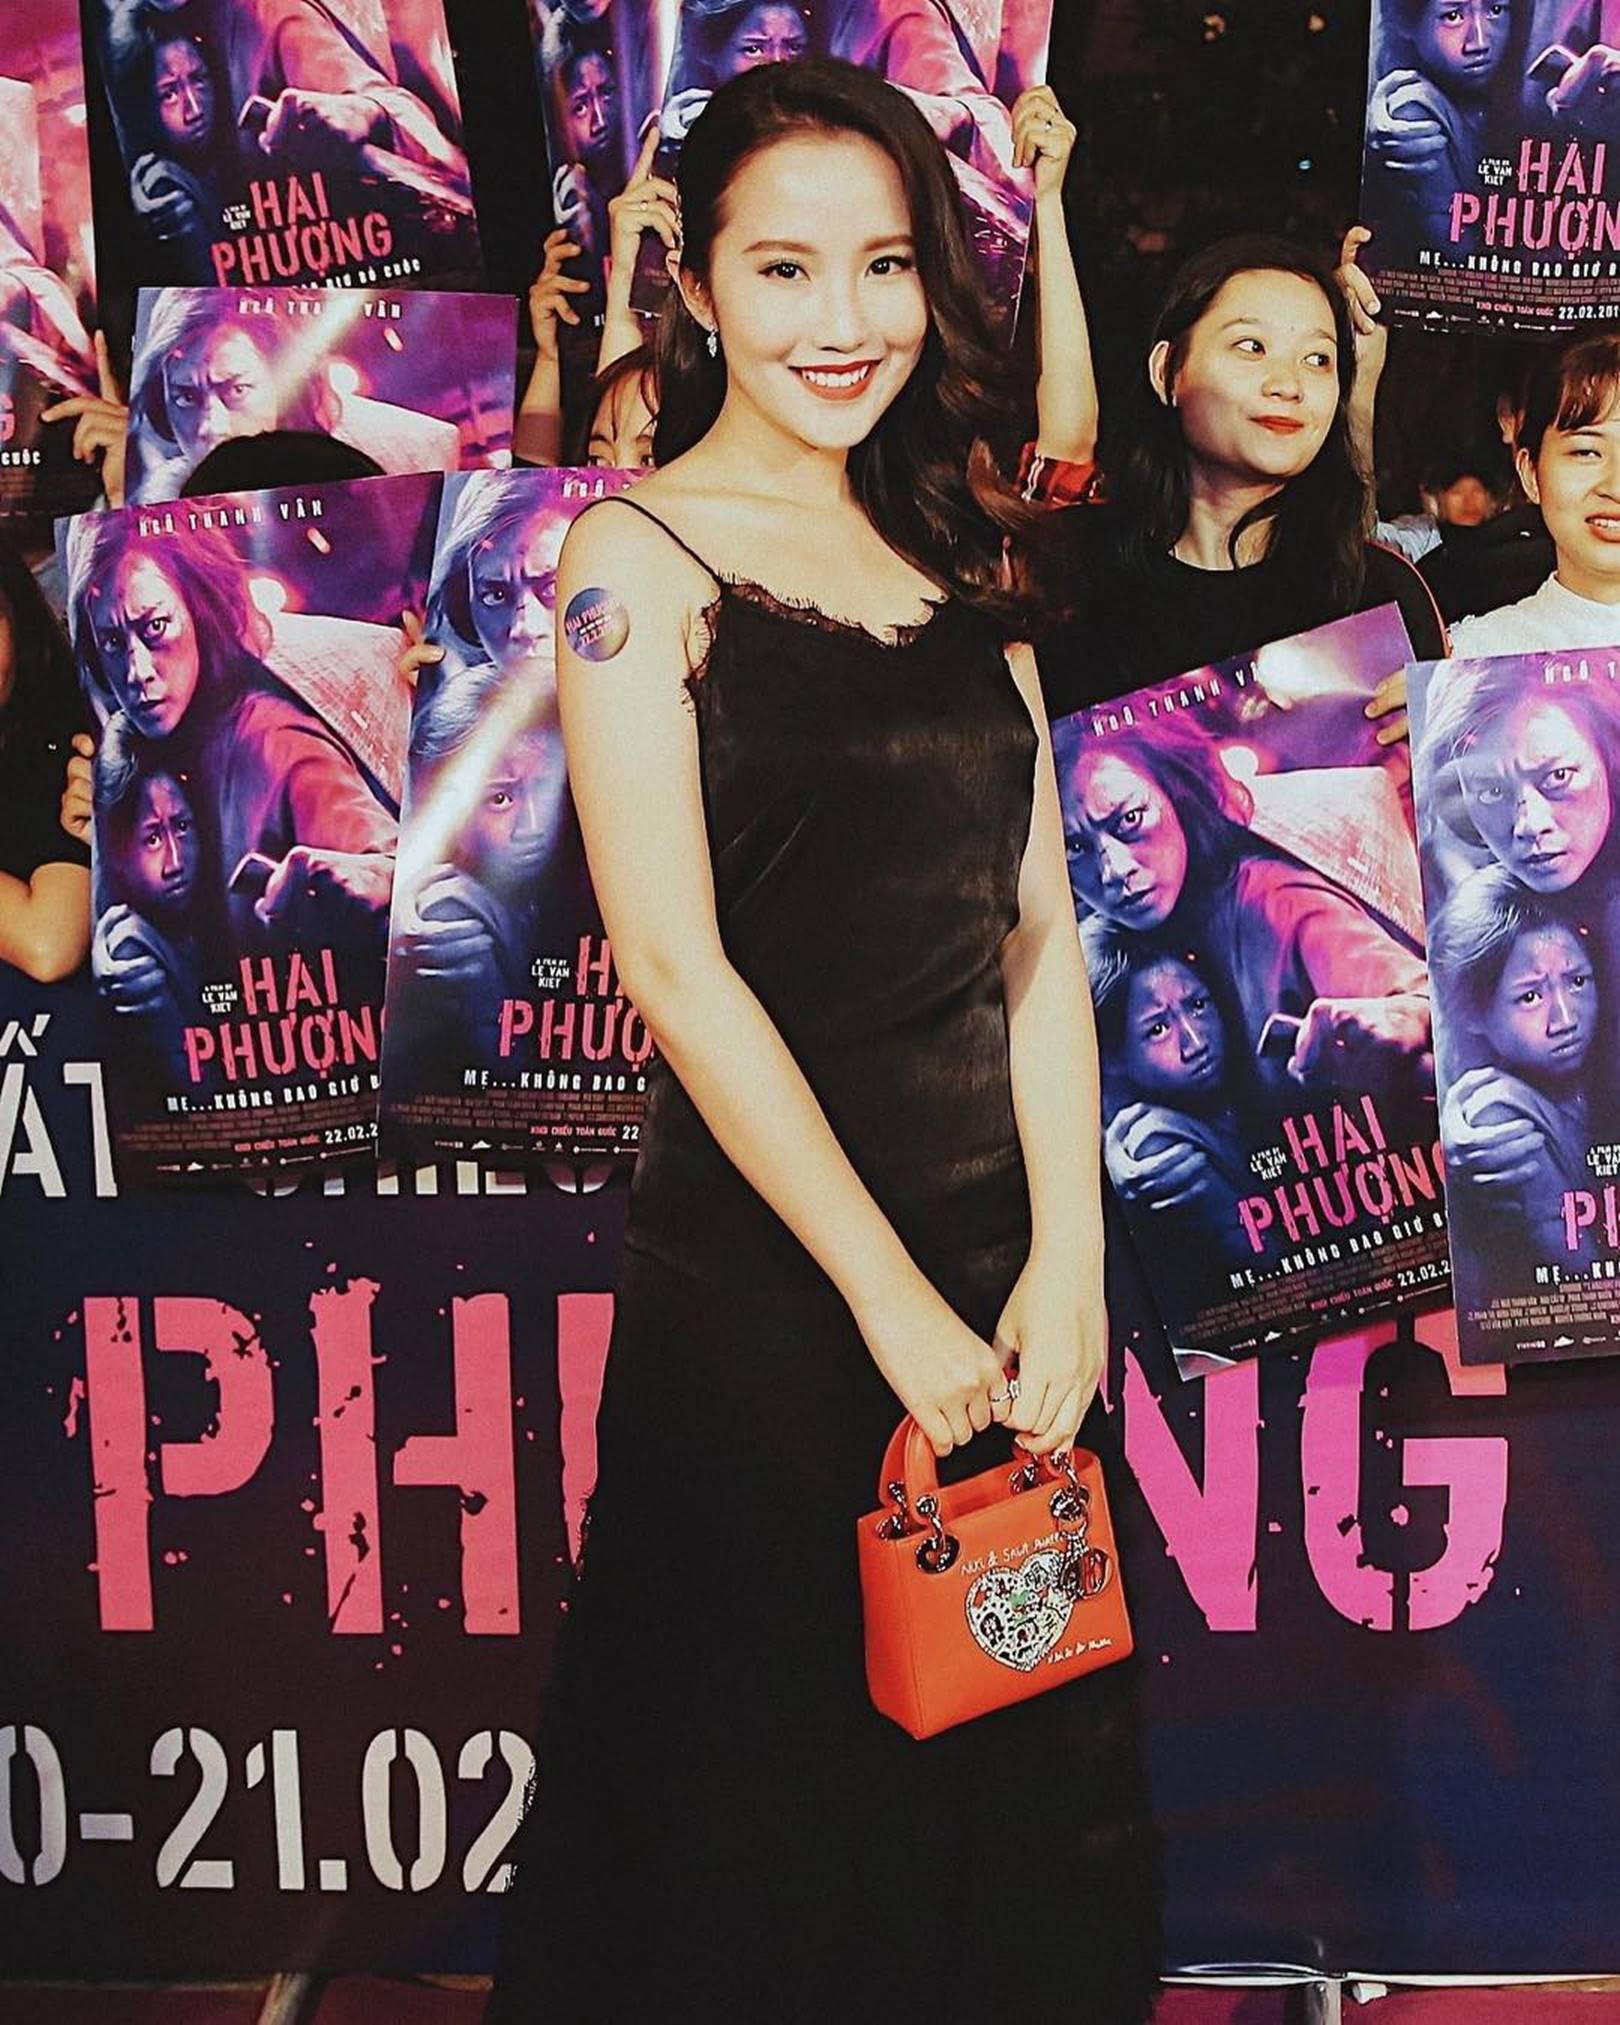 3 ái nữ cành vàng lá ngọc nhà đại gia Việt: Thay đồ hiệu như thay áo, xách túi hiệu như xách giỏ đi chợ mỗi ngày-32